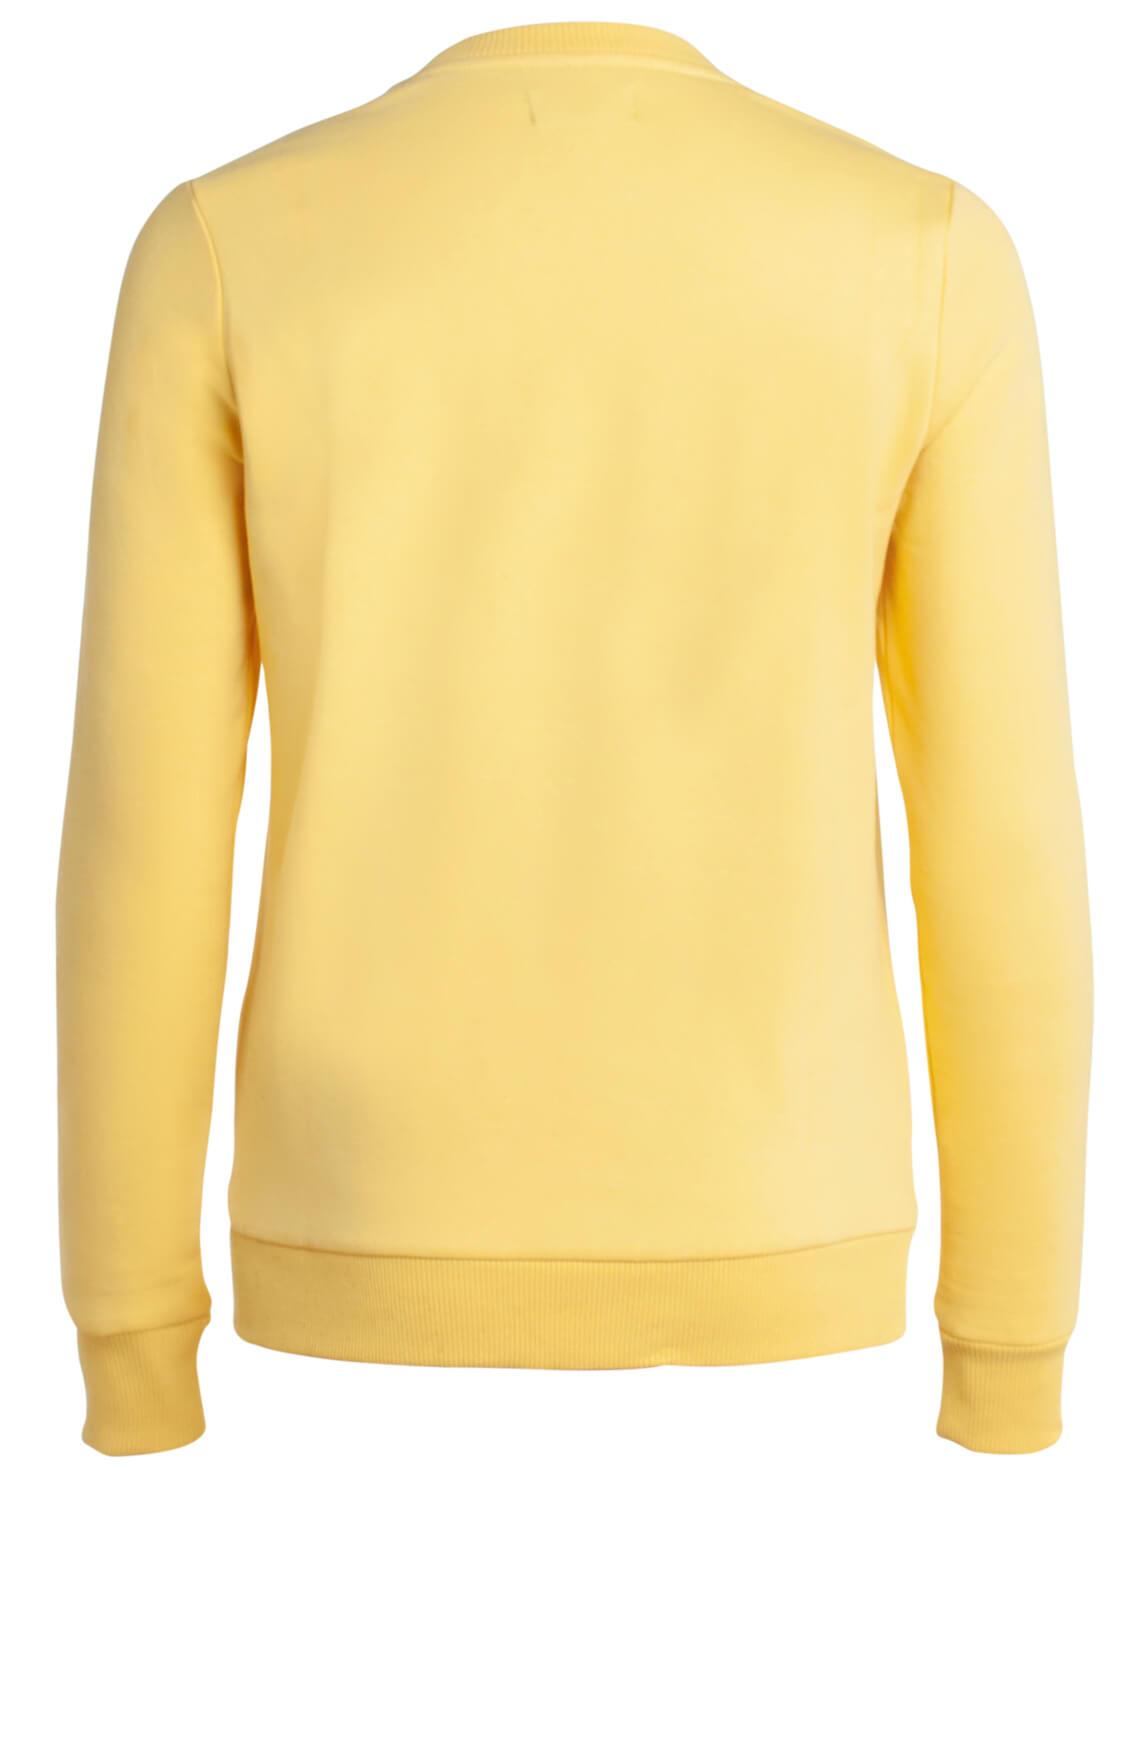 Alix The Label Dames Sweater met tekstprint geel